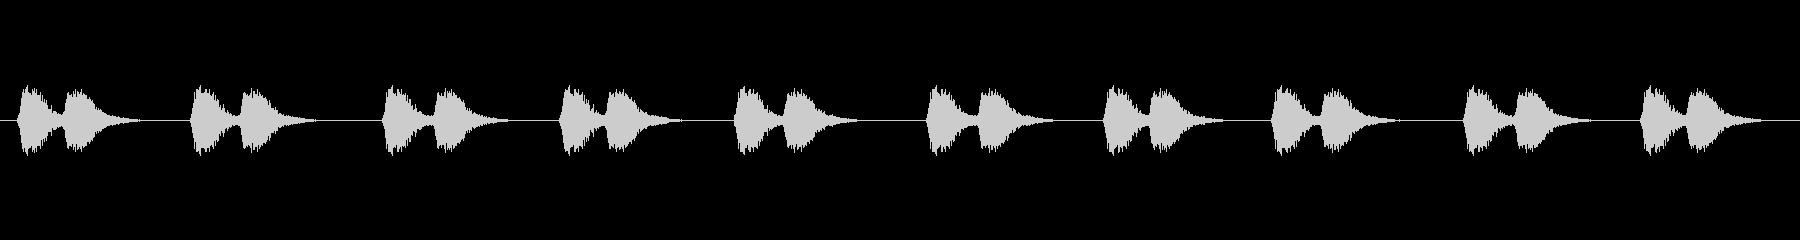 【カラス 生録 環境01-2】の未再生の波形